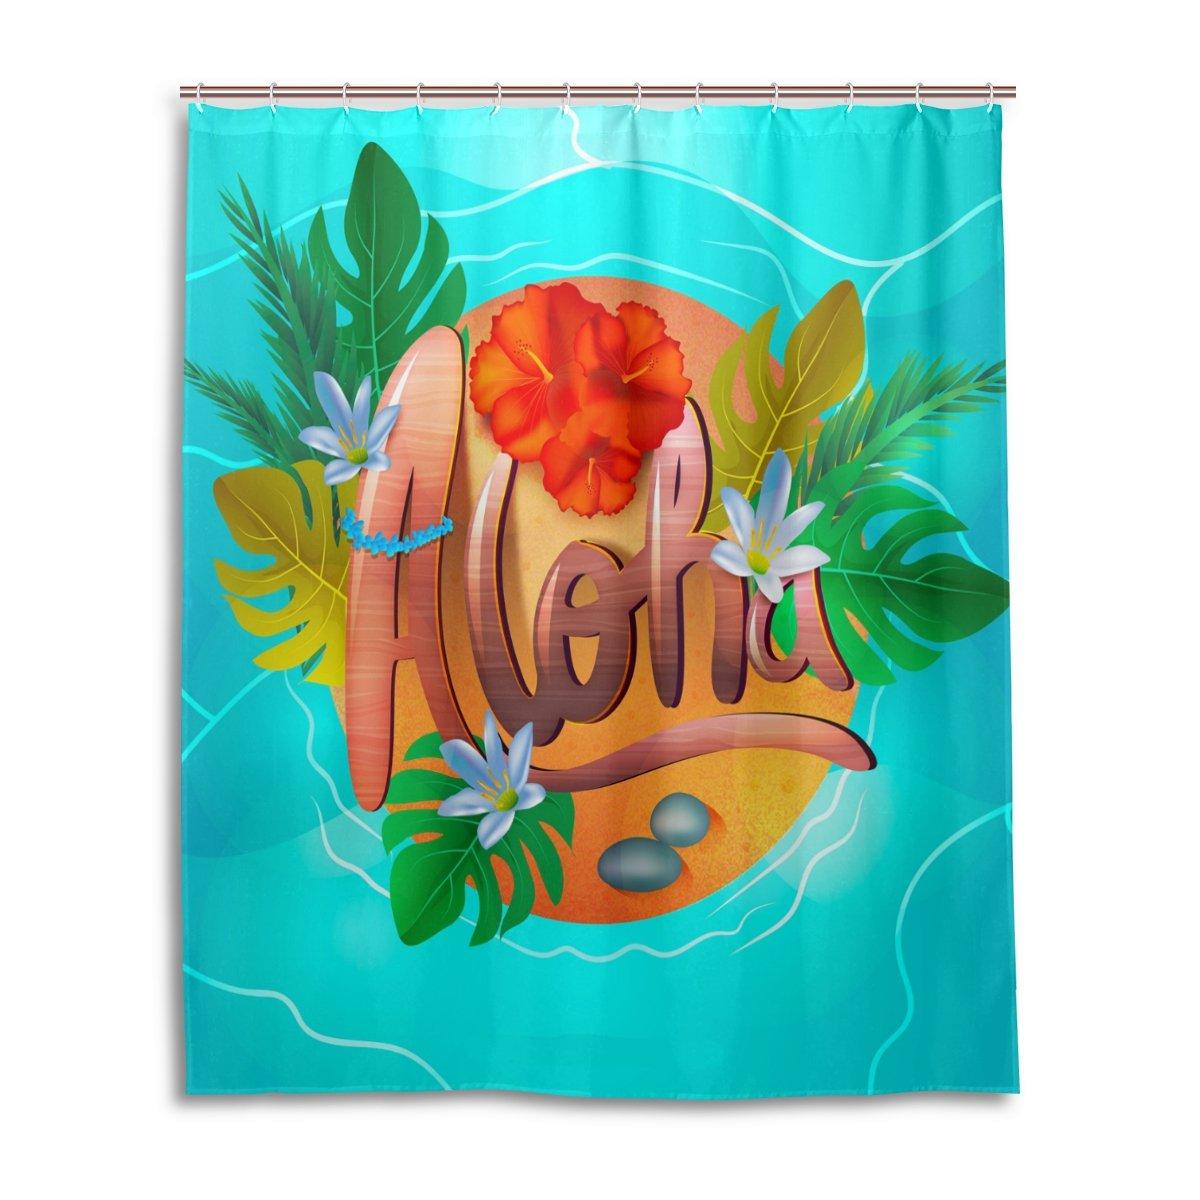 Amazon.com: WEETIME Ethel Ernest Waterproof Bath Curtain Hawaiian ...